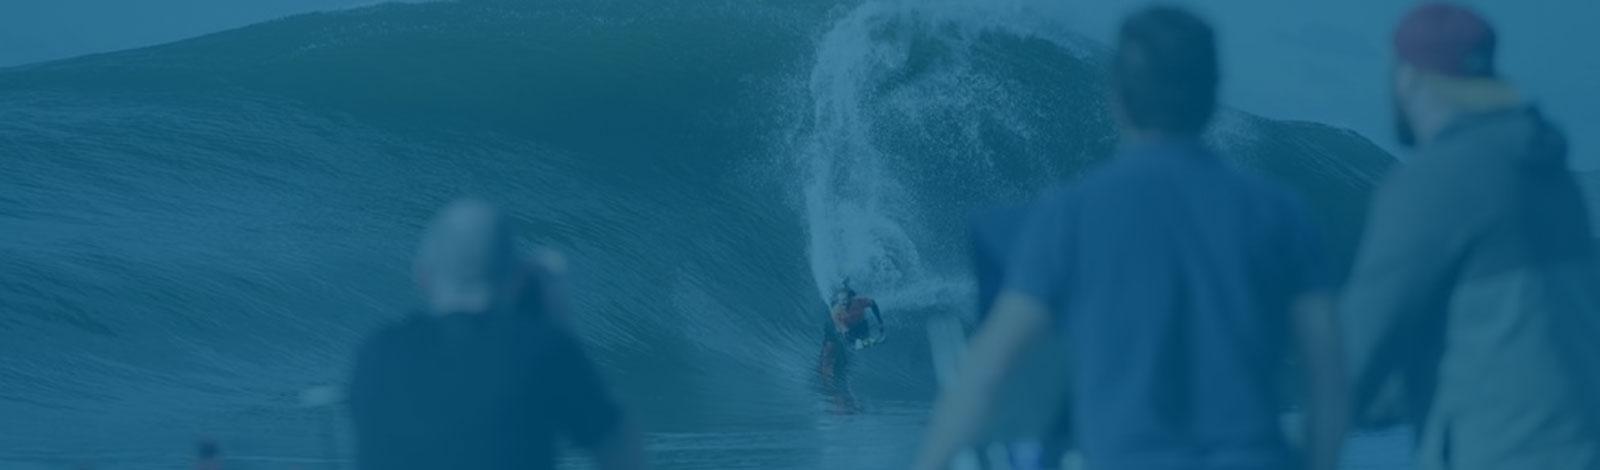 Surfing-Sutherland-Shire-Slider-2